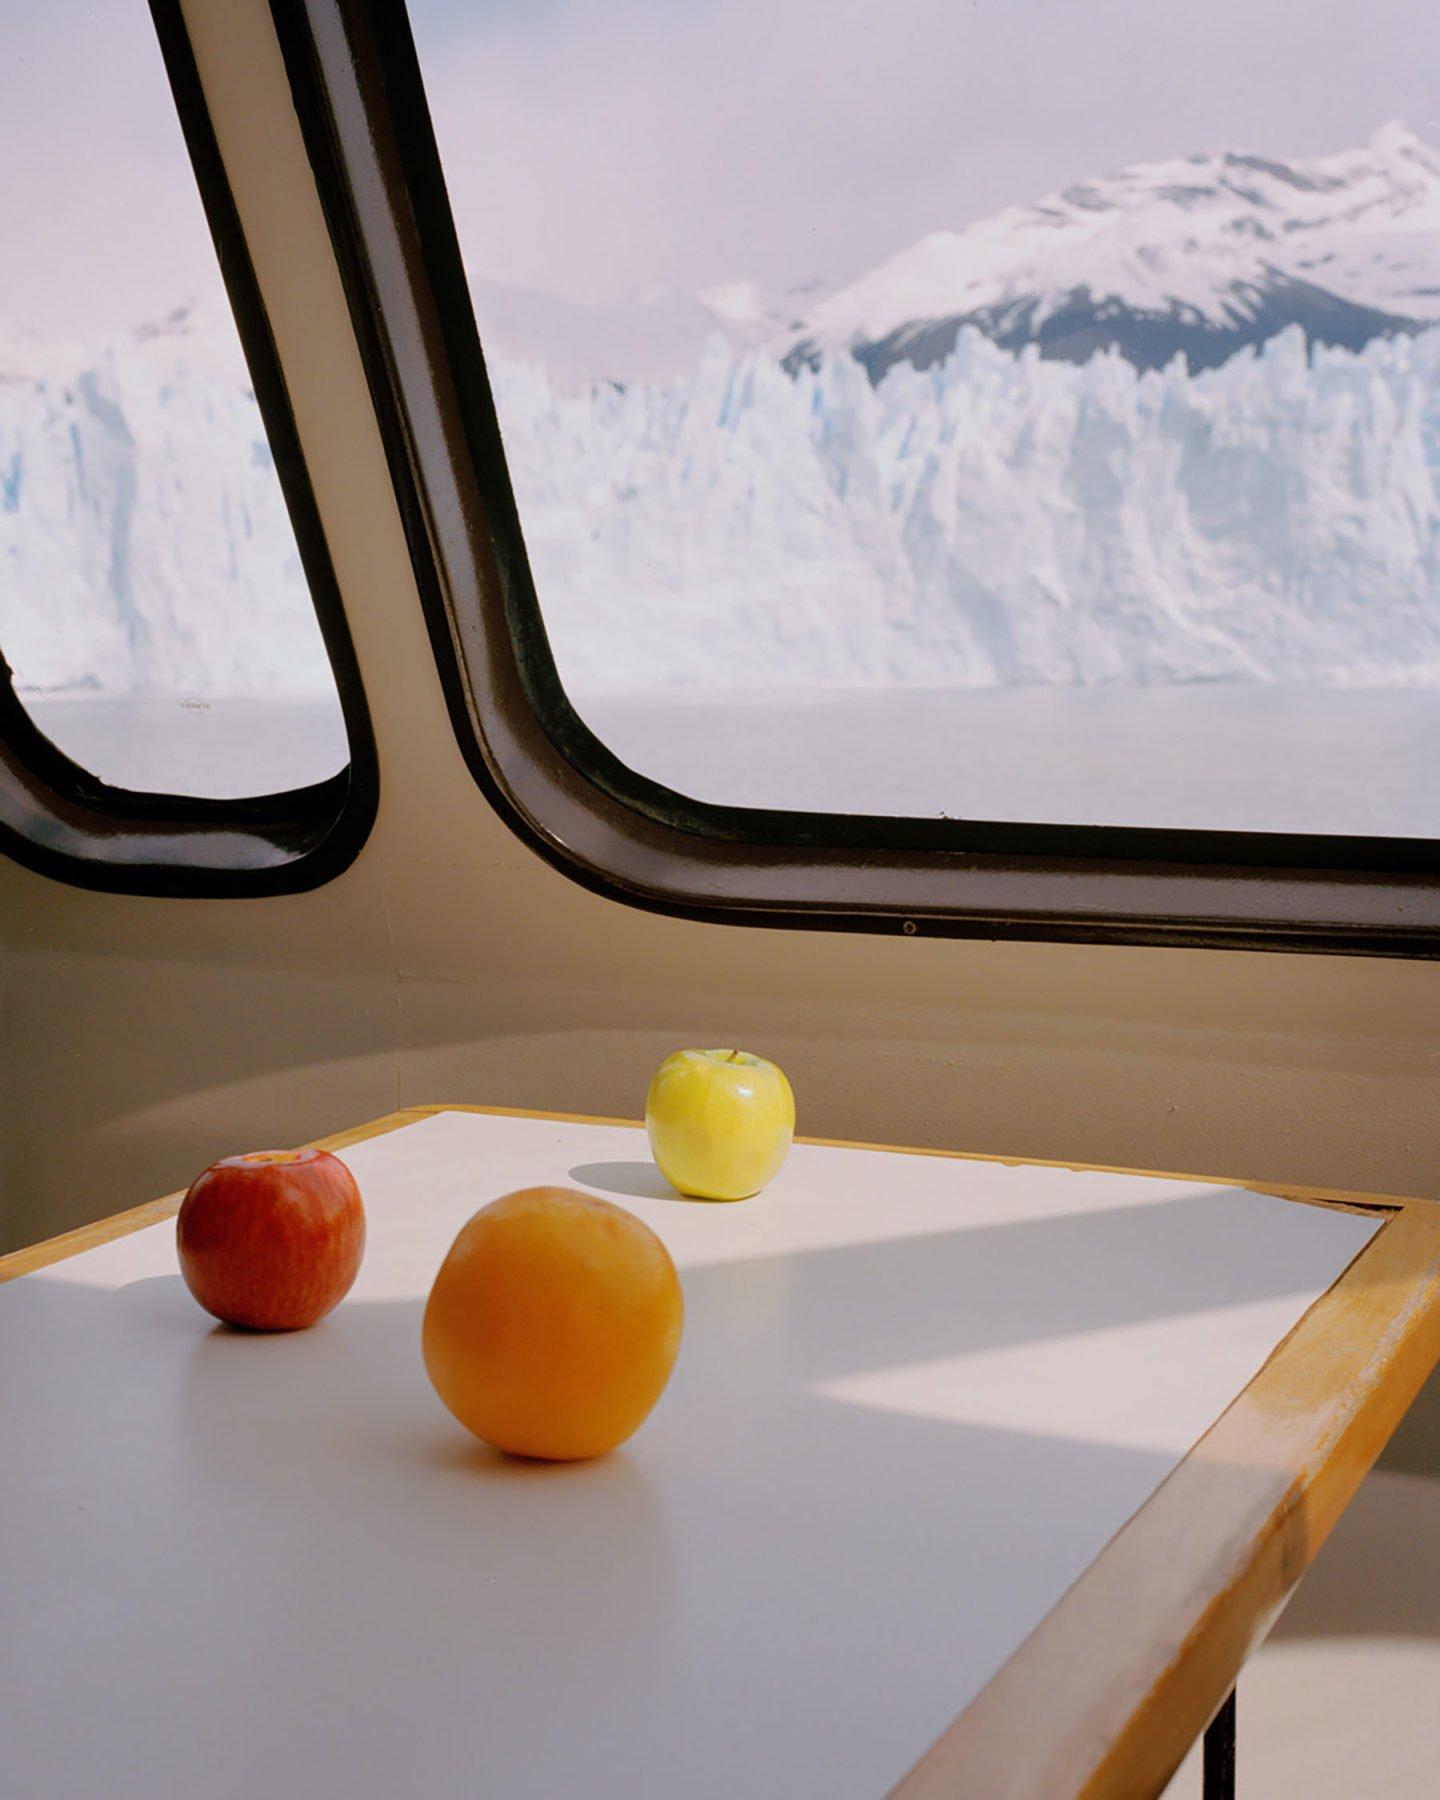 ignant-photography-jake-bool-6-1440x1800